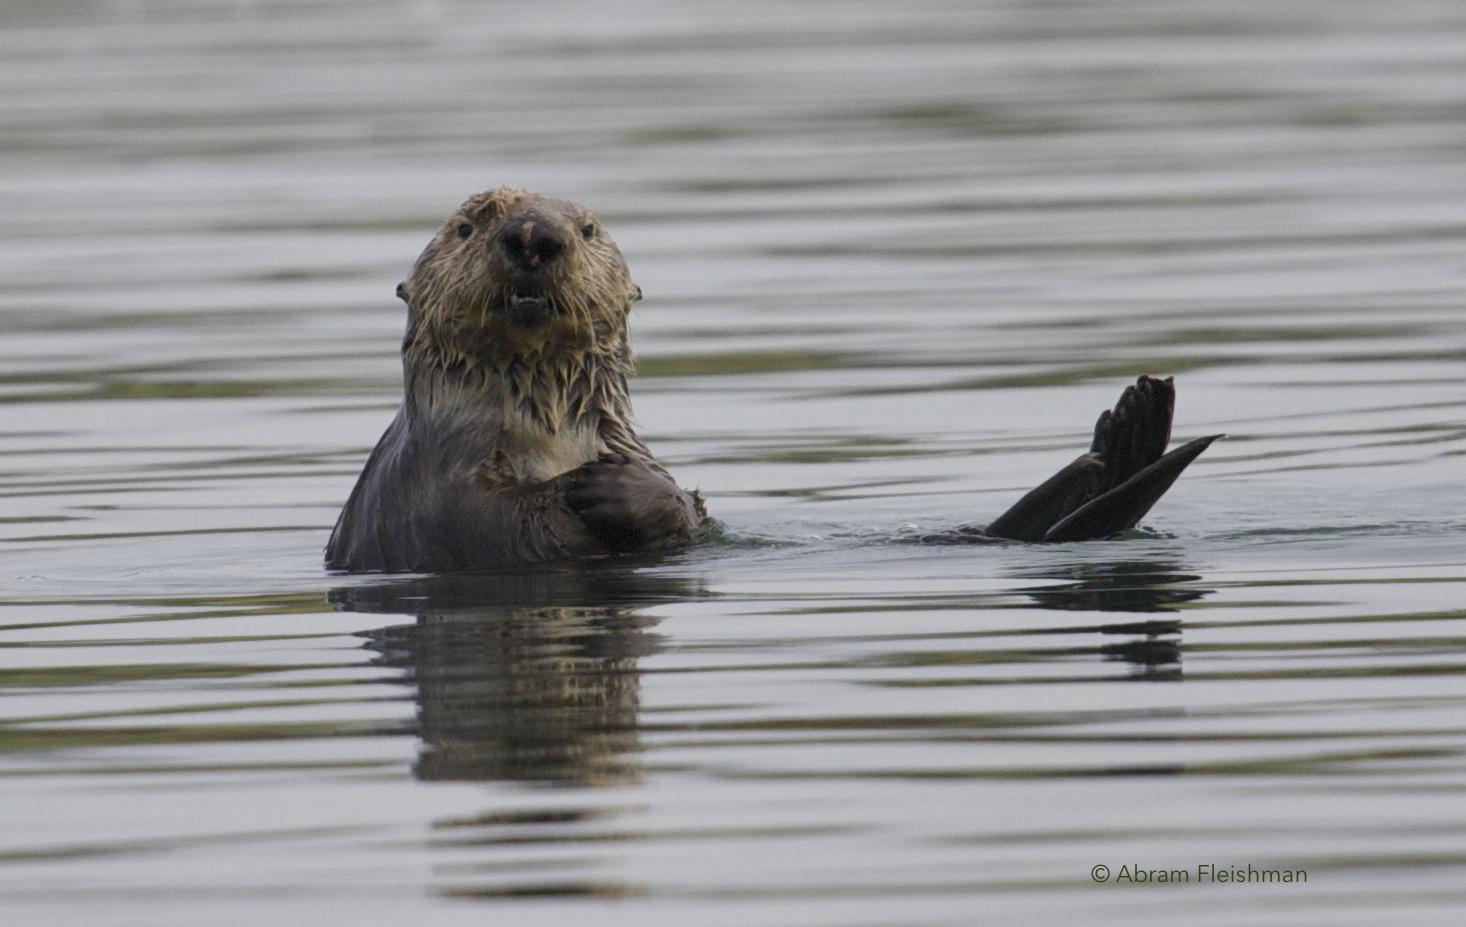 Abram_Sea Otter Photo